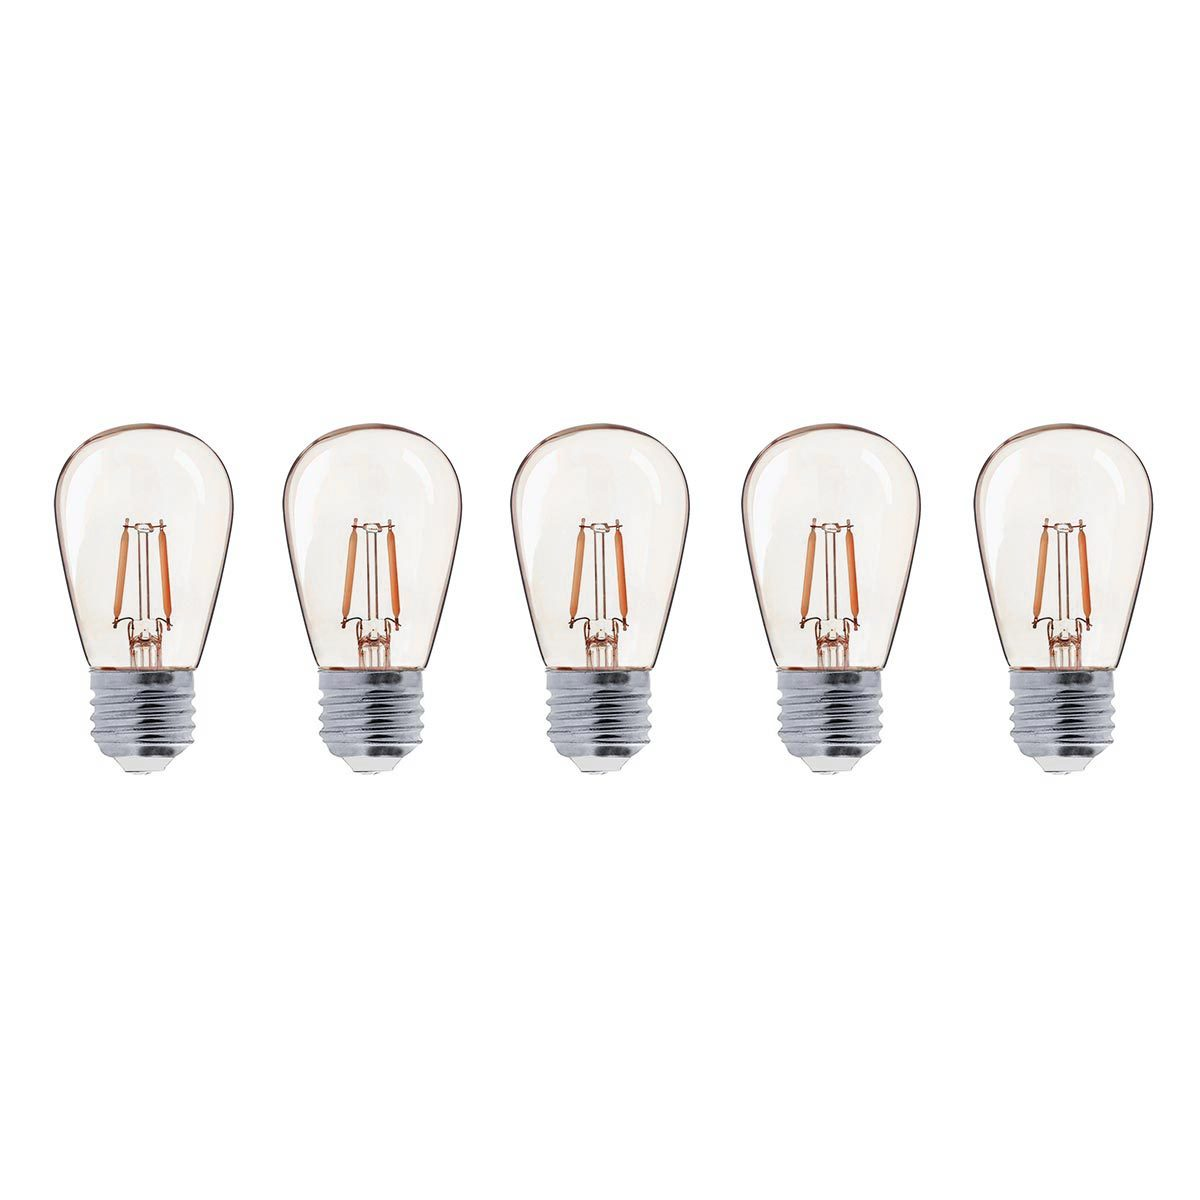 Lot de 5 ampoules LED plastique transparent H9cm